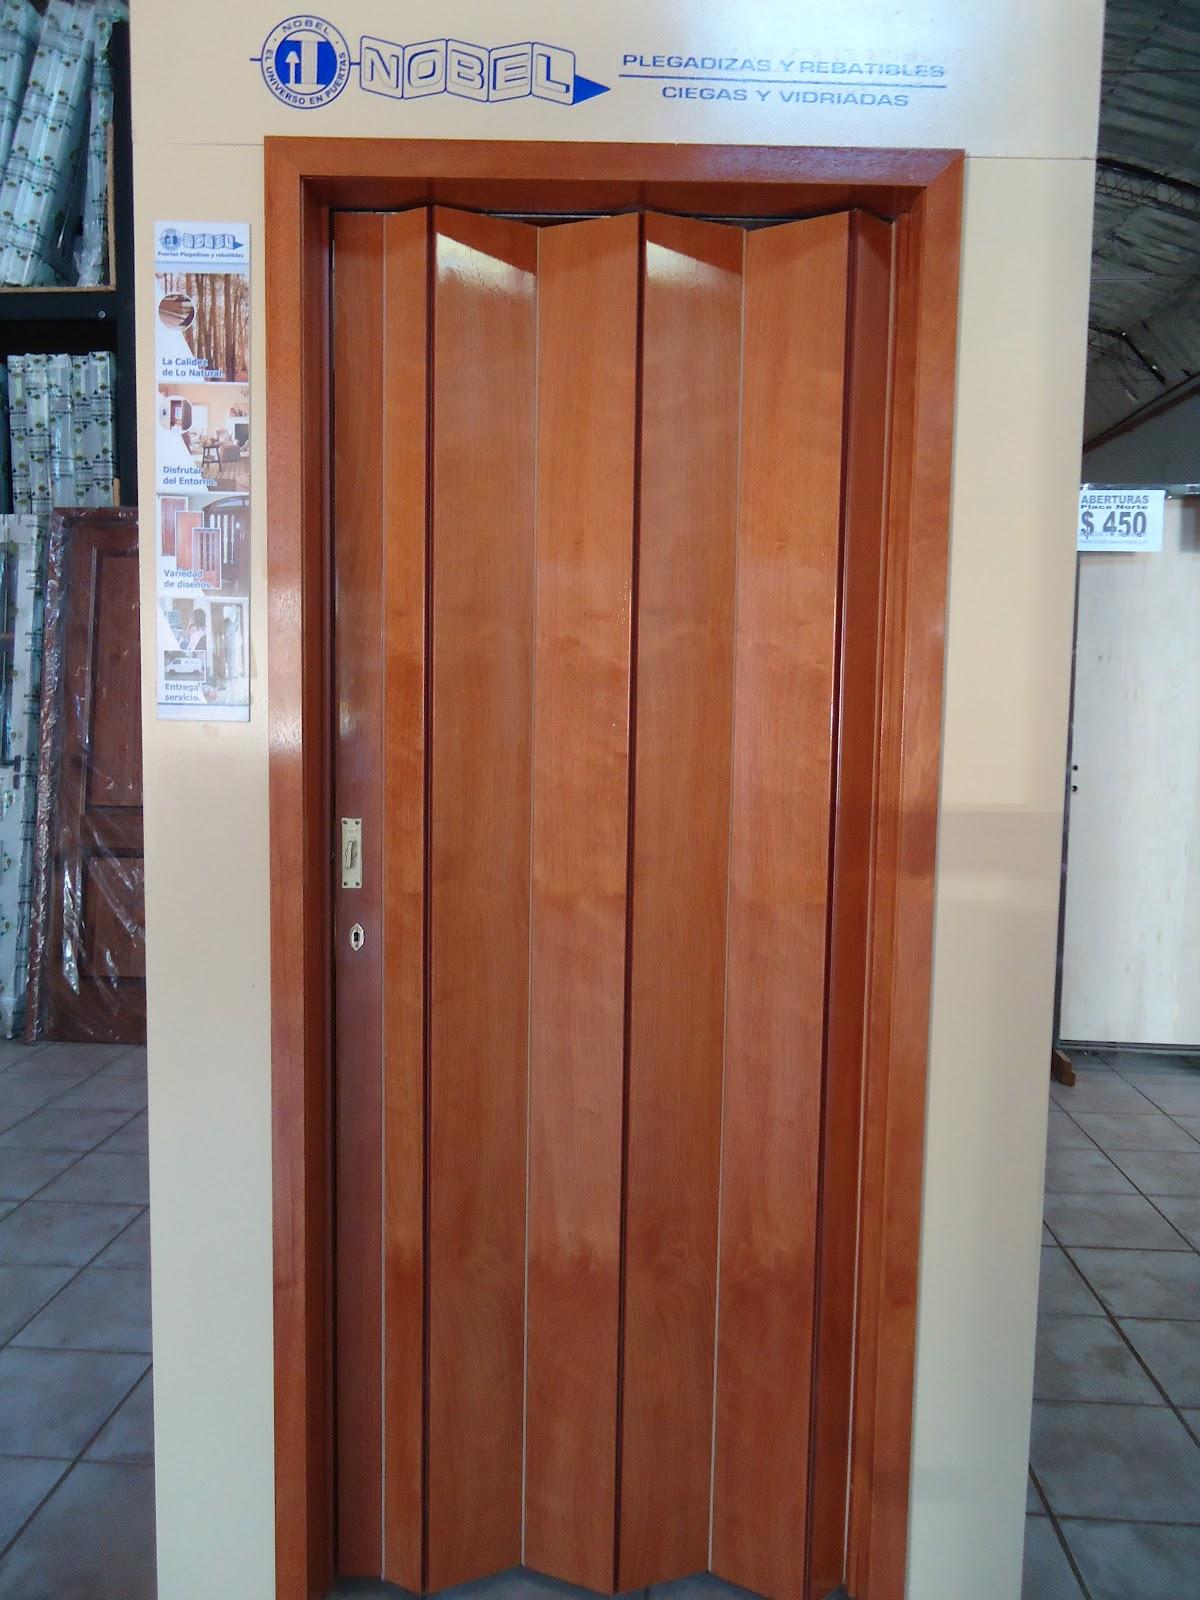 Plegadizas y rebatibles aberturas placa norte - Puertas plegables aluminio ...